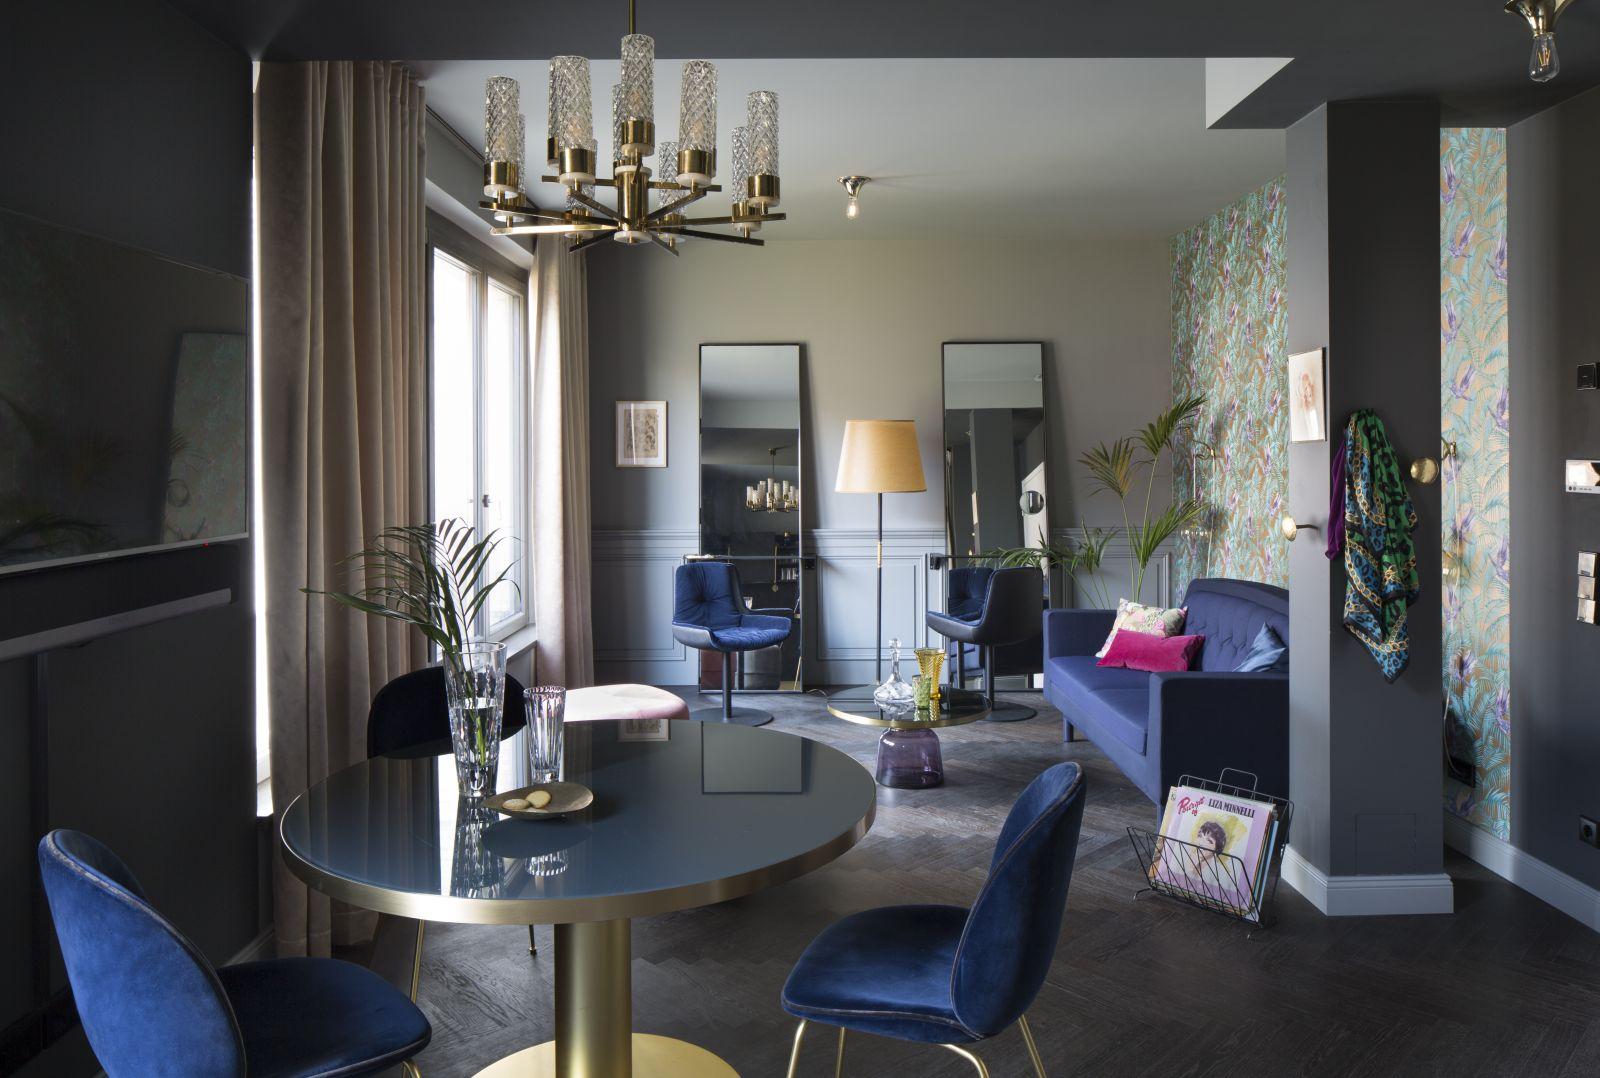 Apartament w stylu eklektycznym w Berlinie (proj. Michał Gulajski, fot. Piotr Mastelarz)